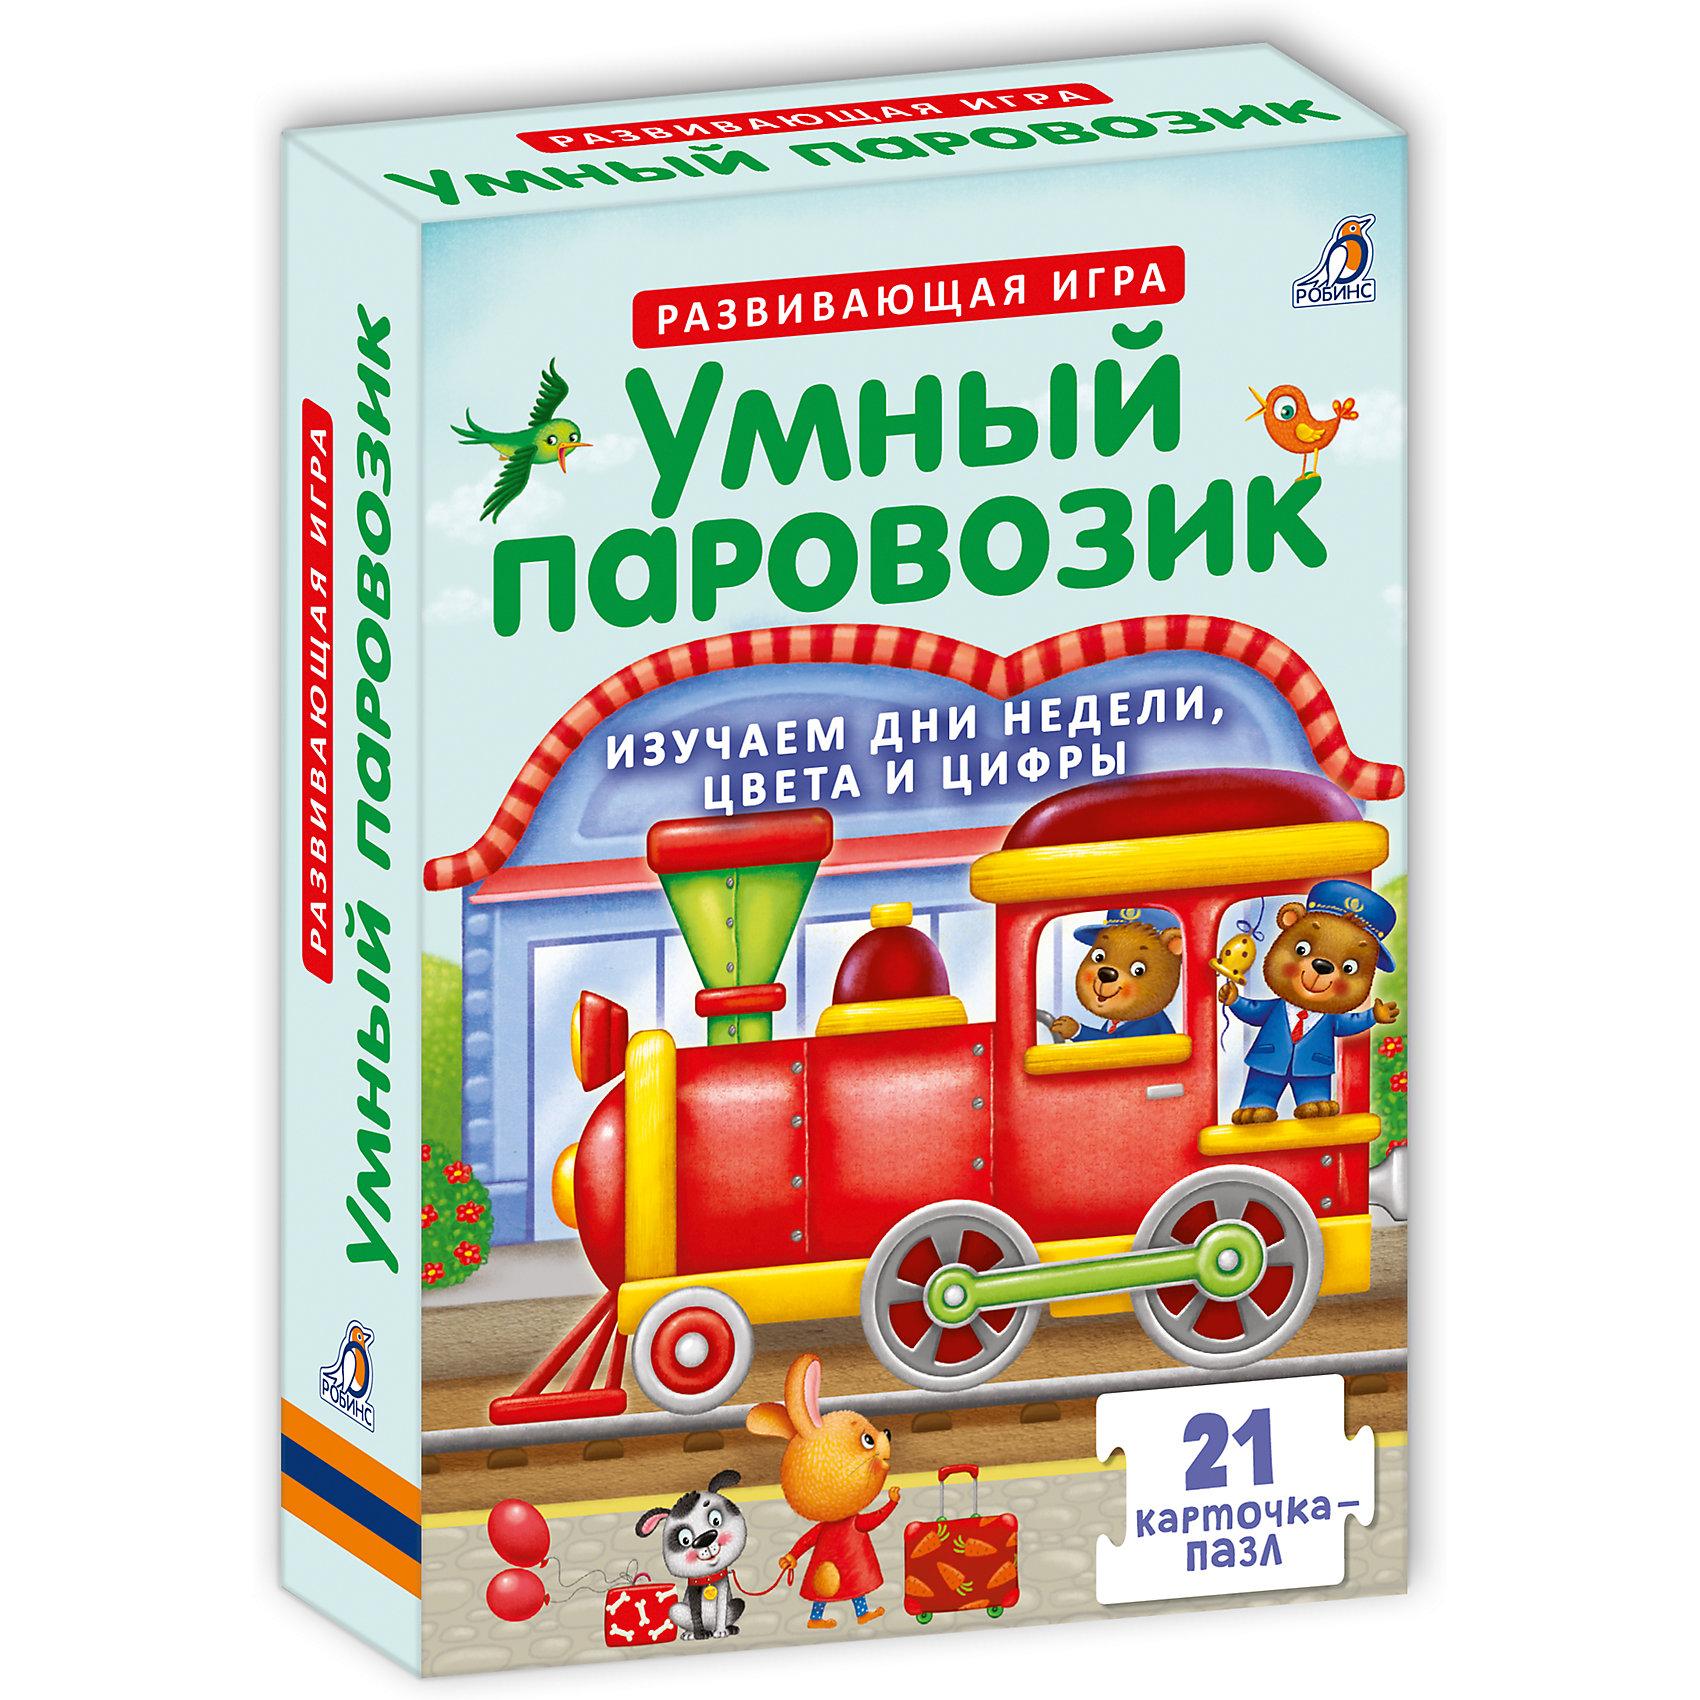 Пазлы Умный паровозикПазлы для малышей<br>Характеристики:<br><br>• возраст: от 3 лет<br>• в наборе: 21 карточка-пазл<br>• авторы идеи: М. Гагарина, Е. Писарева<br>• издательство: Робинс<br>• иллюстрации: цветные<br>• материал: картон<br>• упаковка: картонная коробка<br>• размер упаковки: 15,5х11,4х2,8 см.<br>• вес: 106 гр.<br>• ISBN: 9785436604152<br><br>В развивающий набор «Умный паровозик» входит 21 карточка-пазл. Все карточки идеально стыкуются друг с другом, поэтому ребёнок сможет легко выполнять задания: составлять логические пары, цепочки, последовательности и ряды.<br><br>Весёлые крупные яркие картинки, подписи и стихотворения помогут ребёнку выучить названия дней недели, цвета радуги и цифры от 1 до 7.<br><br>Рассматривайте картинки, запоминайте новые слова и составляйте: логические пары по цветам, по цифрам и количеству предметов; логические цепочки и последовательности из трёх карточек; логические ряды из семи карточек и другие.<br><br>Карточки удобно использовать в качестве демонстрационного материала. Задания развивают мышление, память, внимательность, мелкую моторику и логику.<br><br>Карточки подходят как для индивидуальной игры, так и для групповых игровых занятий в детских дошкольных учреждениях.<br><br>Пазлы Умный паровозик можно купить в нашем интернет-магазине.<br><br>Ширина мм: 155<br>Глубина мм: 114<br>Высота мм: 280<br>Вес г: 106<br>Возраст от месяцев: 36<br>Возраст до месяцев: 2147483647<br>Пол: Унисекс<br>Возраст: Детский<br>SKU: 6751785